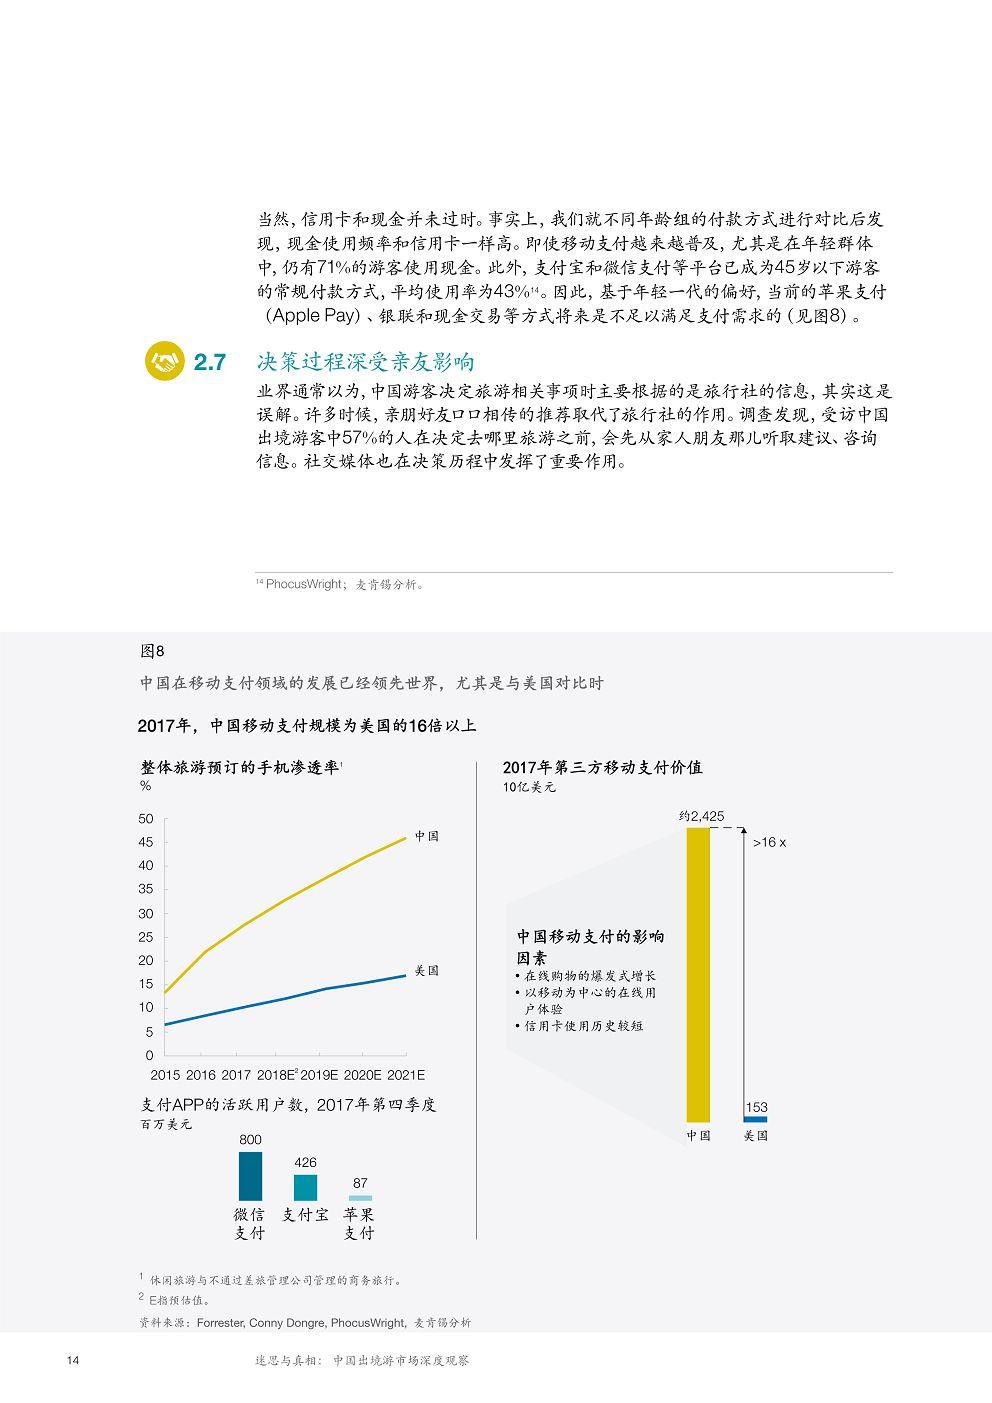 McK_China-tourism-report-2018_CN_18